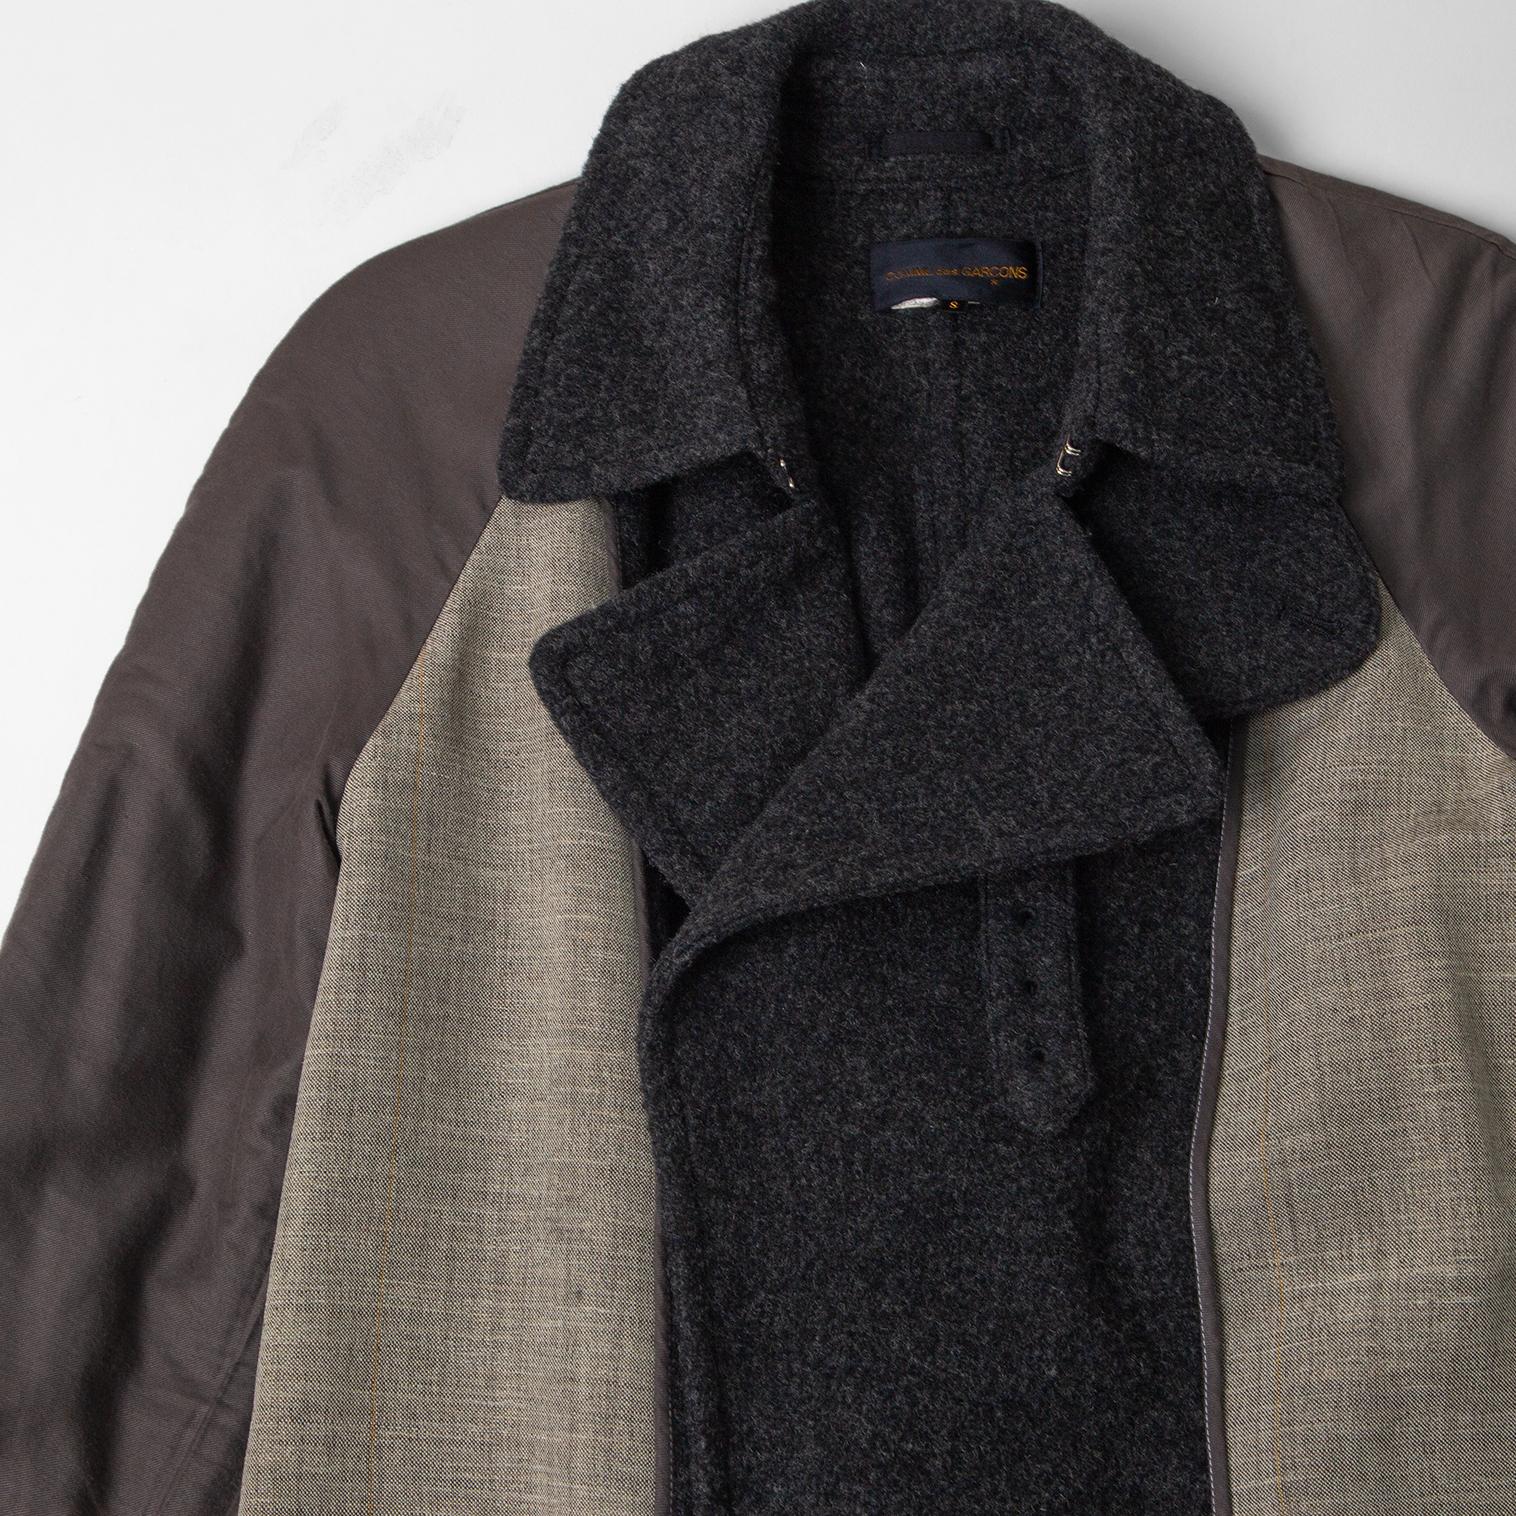 90's COMME des GARCONS Inside-out Design Coat